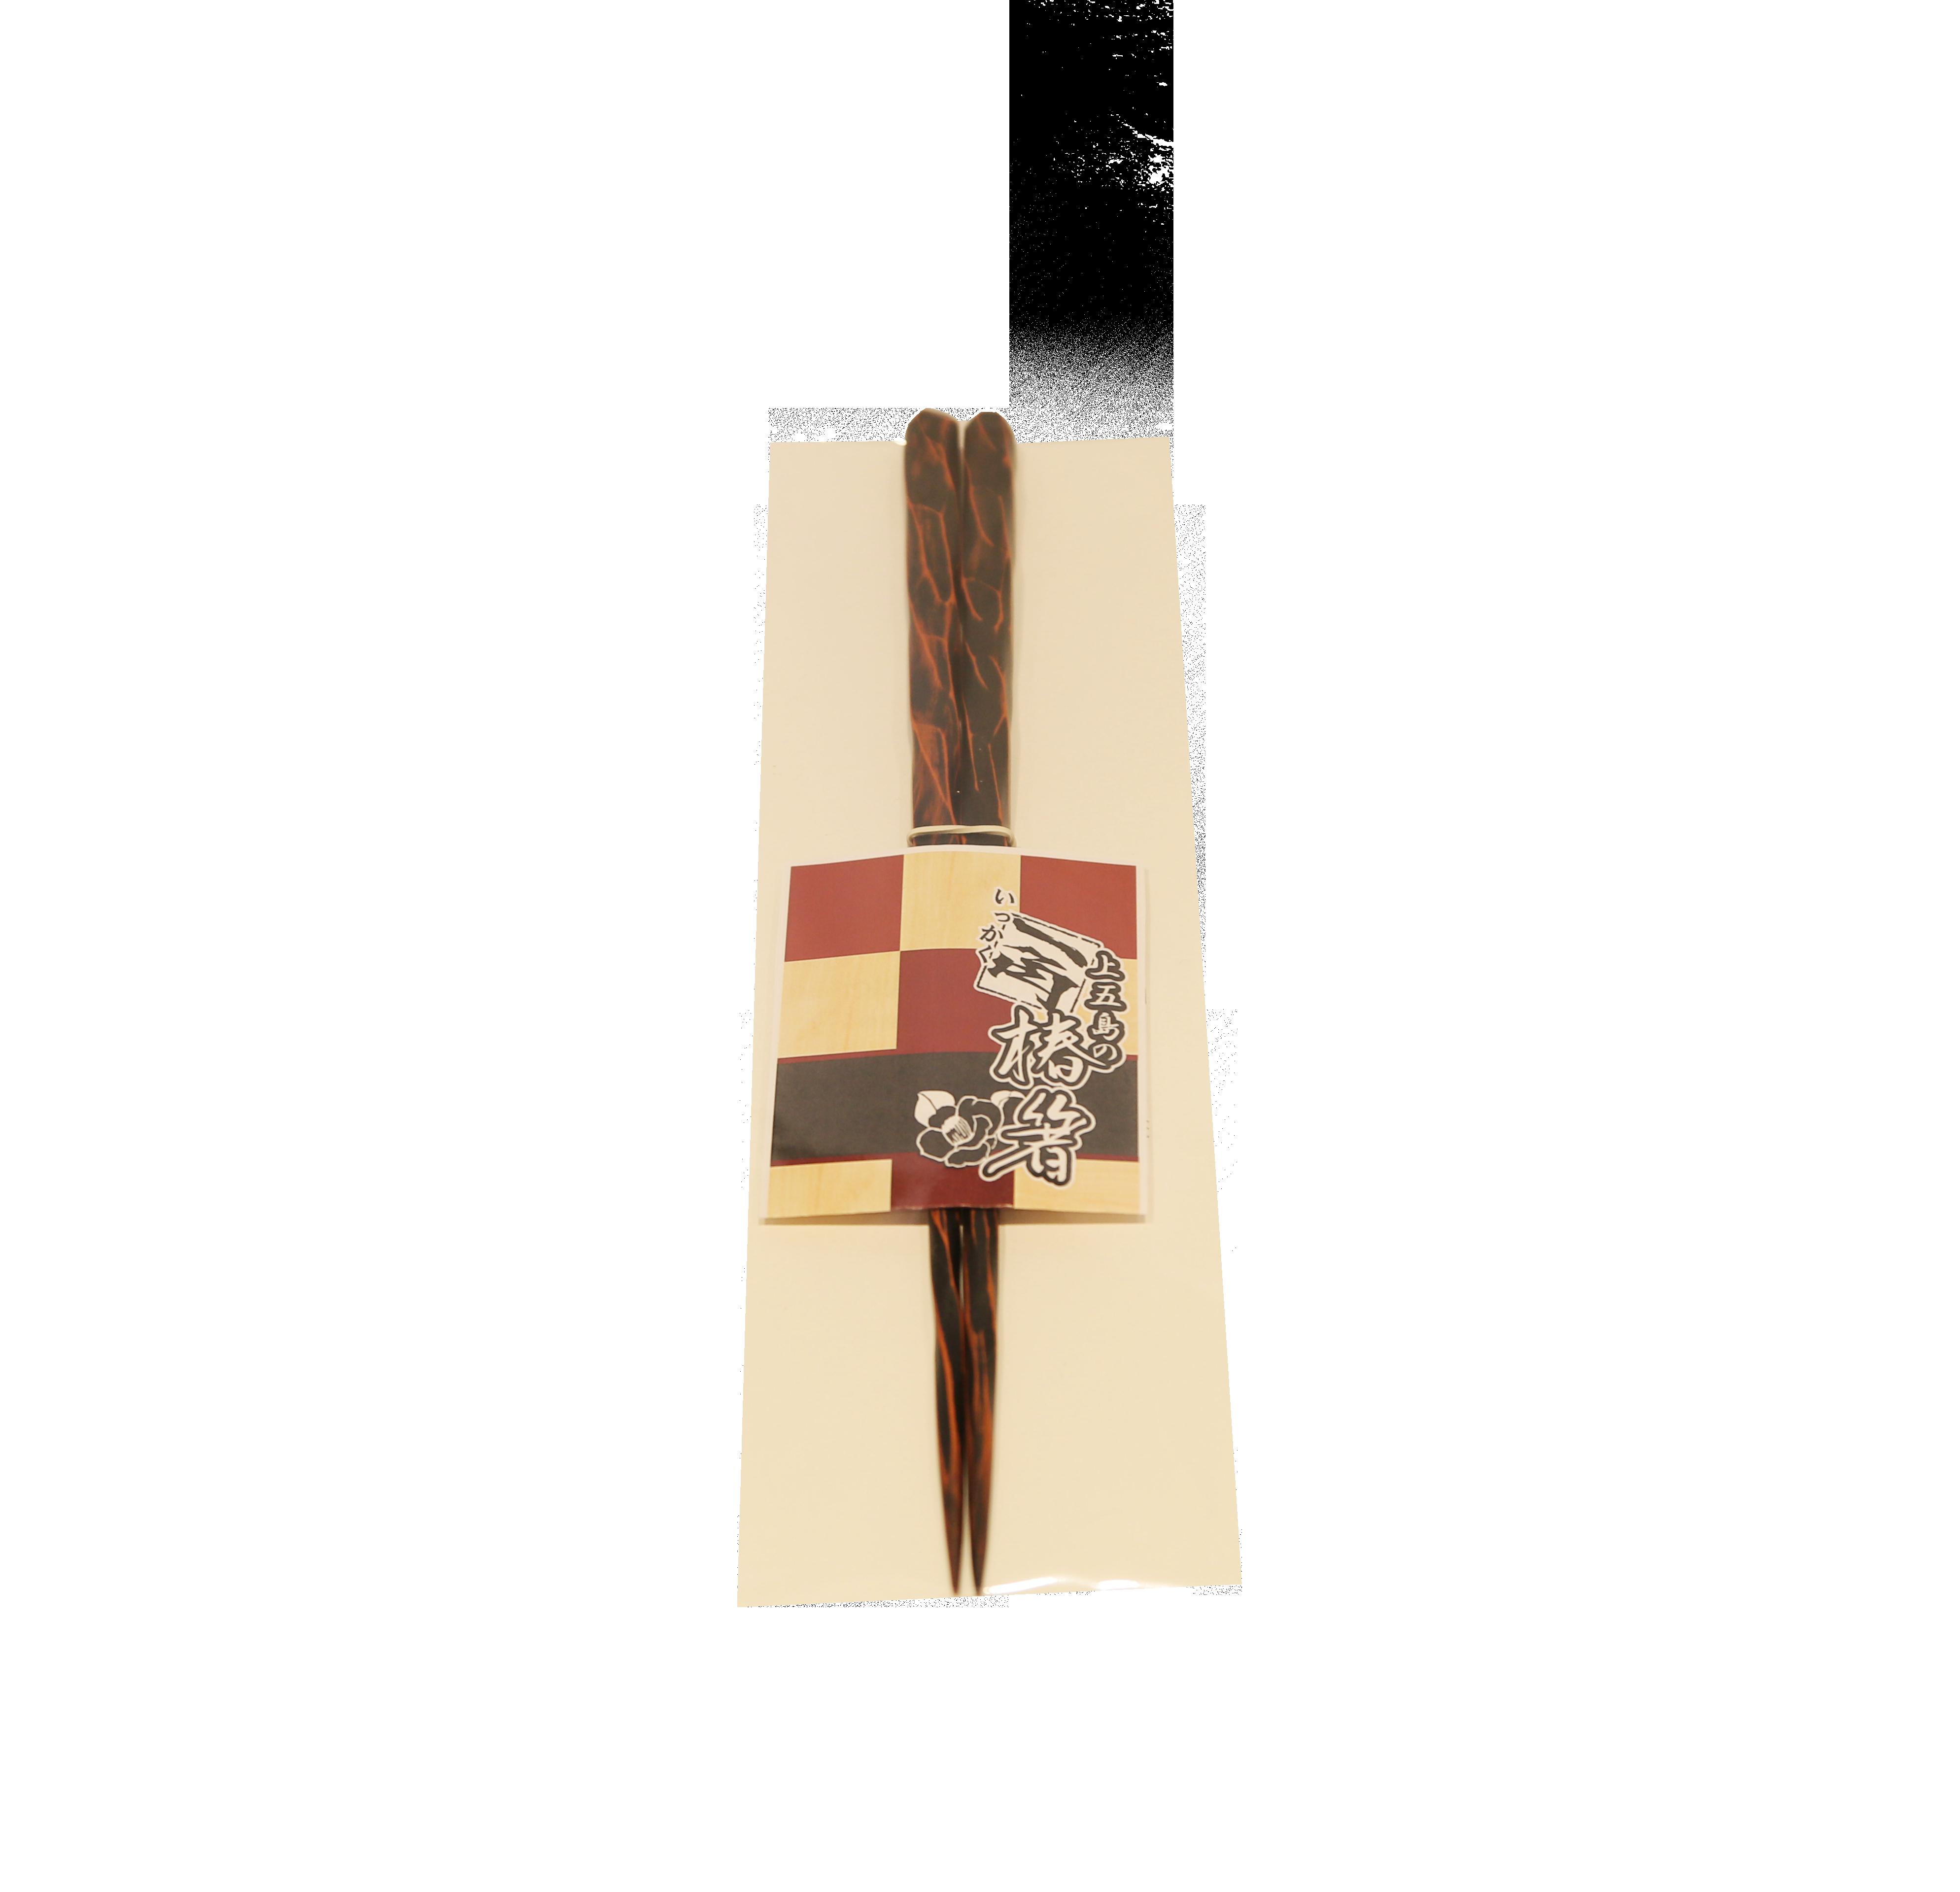 上五島の椿一角箸 【新上五島町椿木工技術振興会】